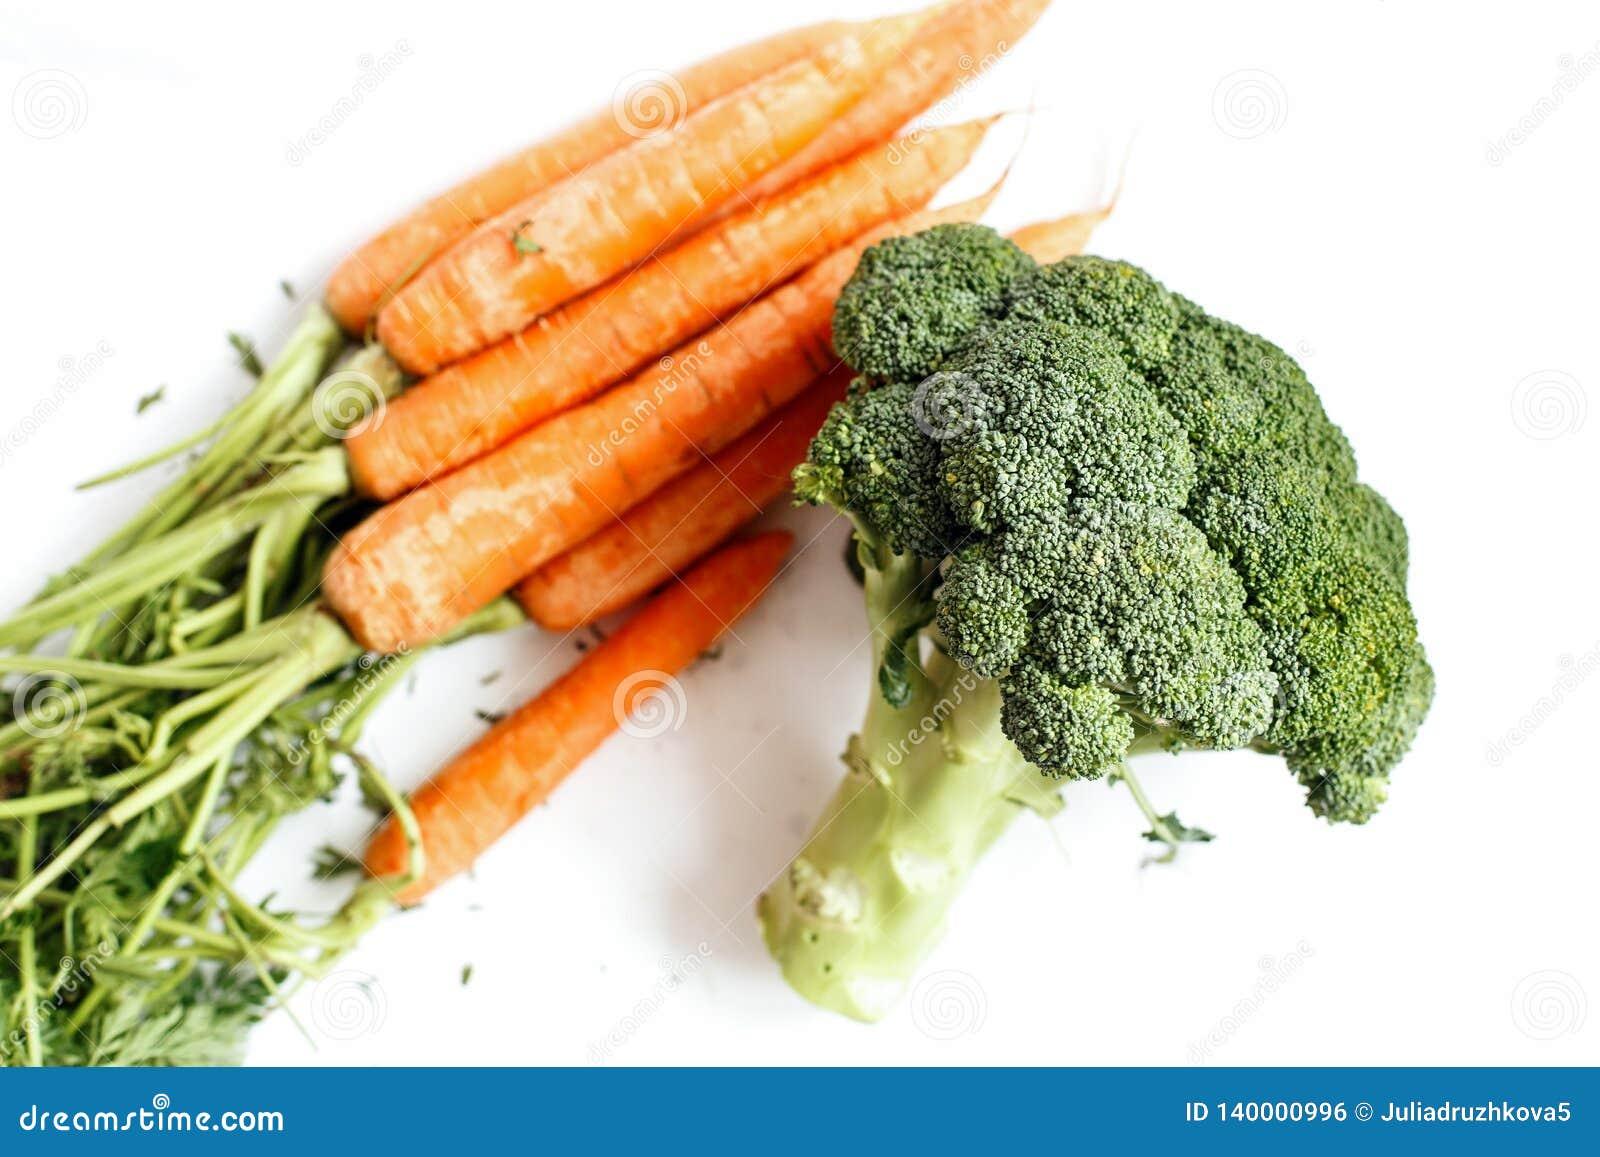 Le brocoli et quelques carottes sont sur un fond blanc Toujours durée comestible